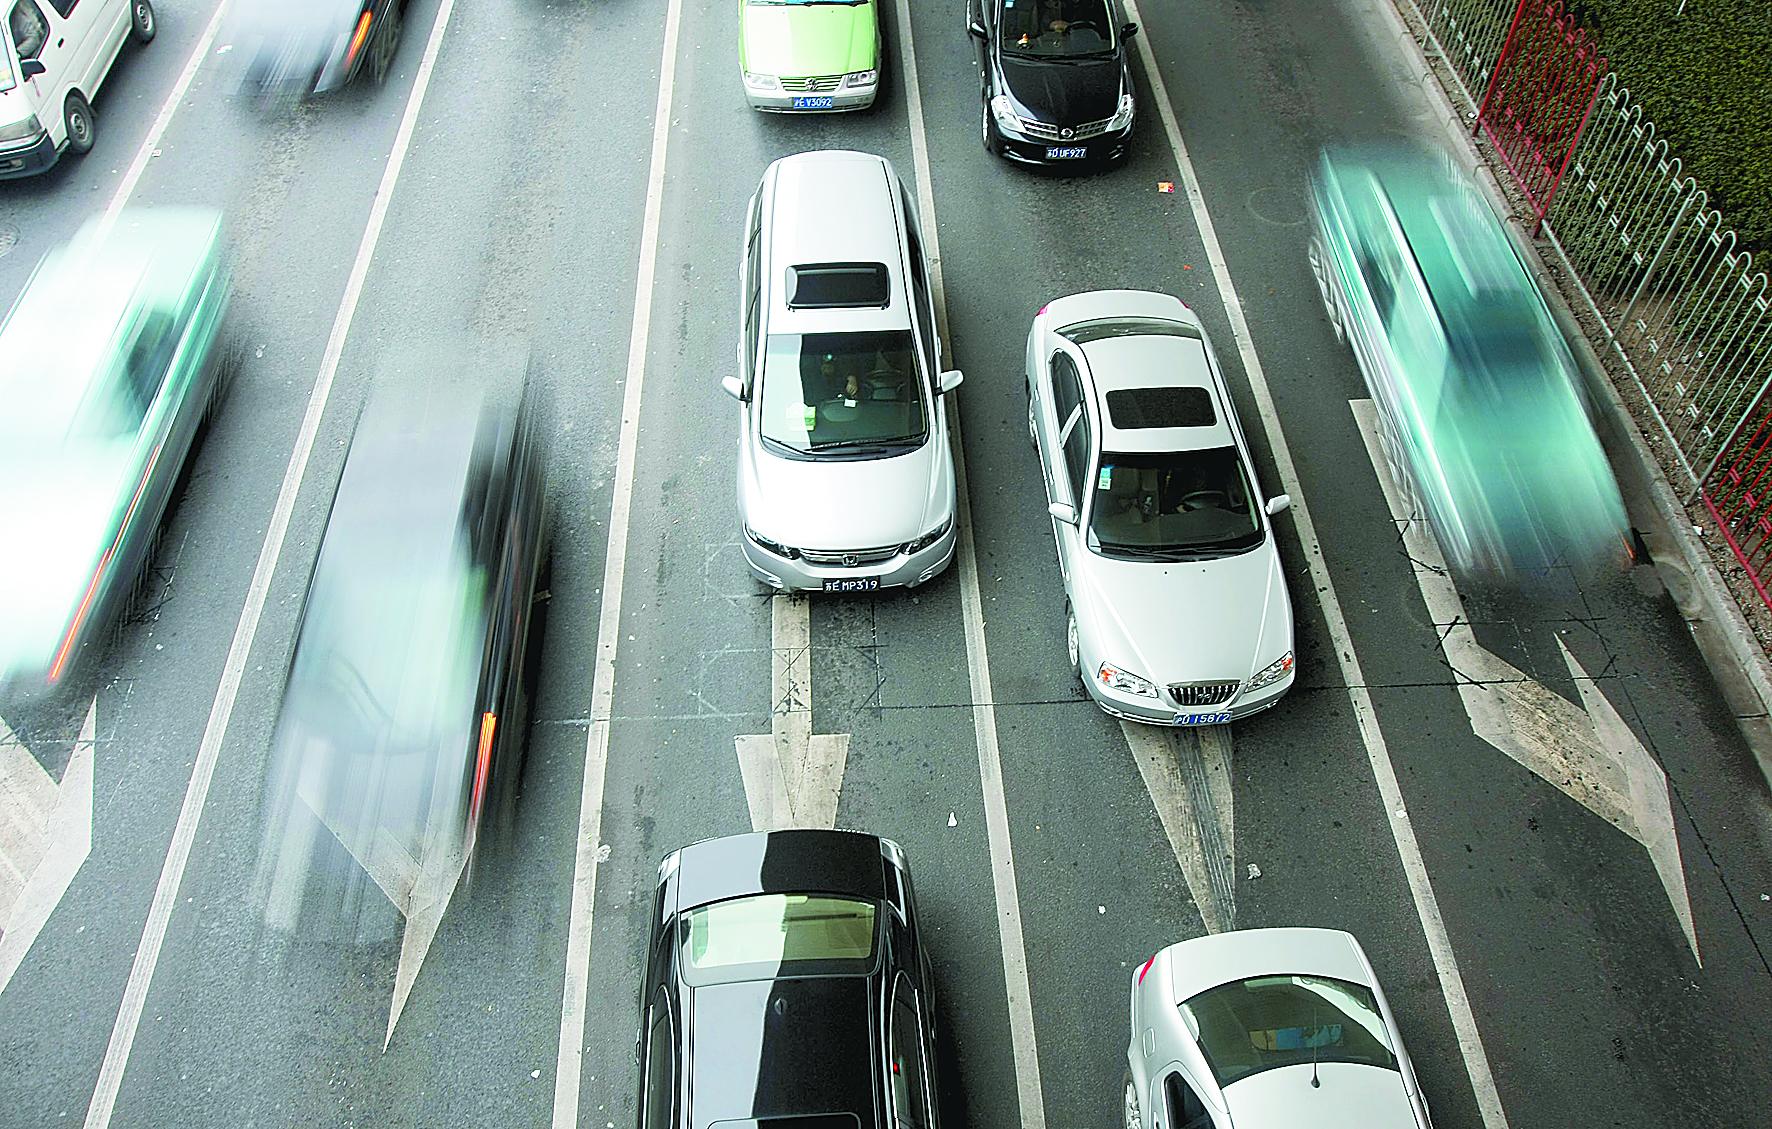 Πτώση 23,2% στις πωλήσεις καινούργιων αυτοκίνητων στην Ε.Ε. Ιούλιο και Αύγουστο